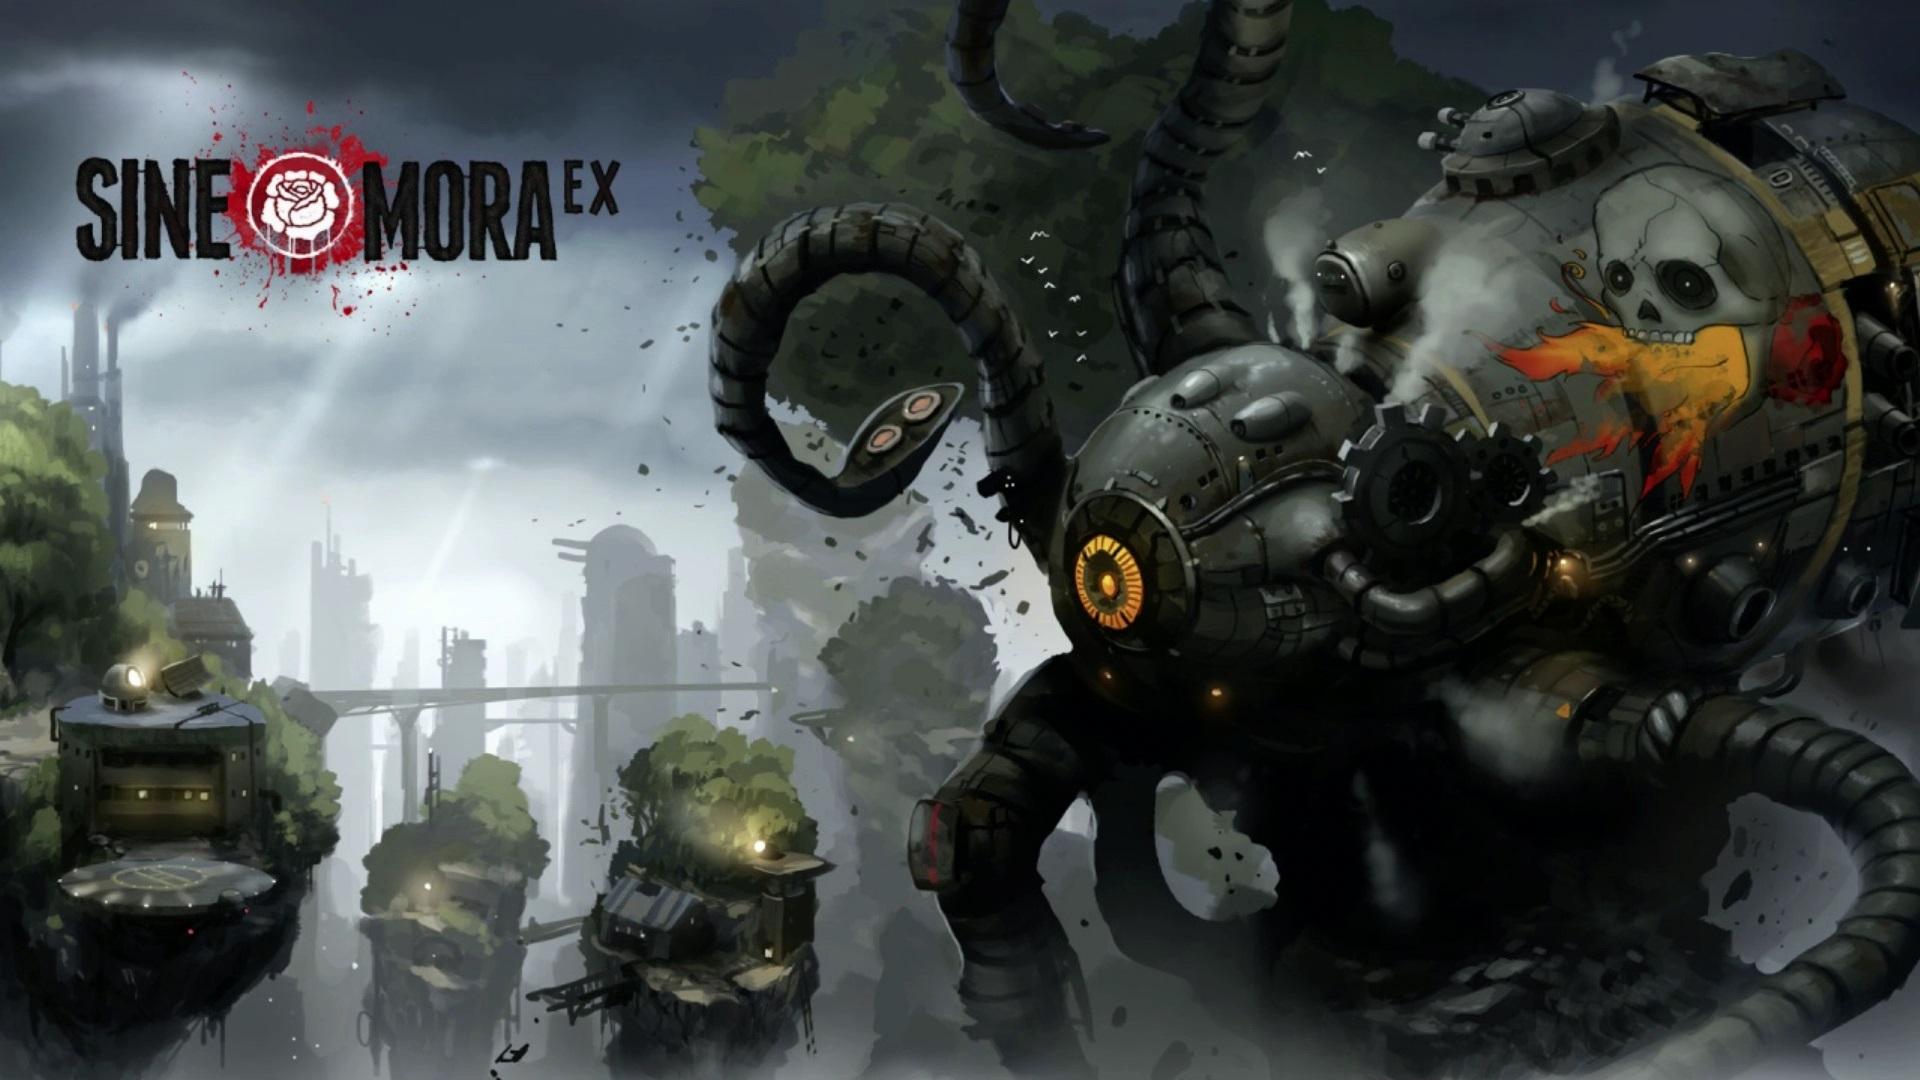 Sine Mora EX chega neste mês na América do Norte e em outubro no resto do mundo [Switch]